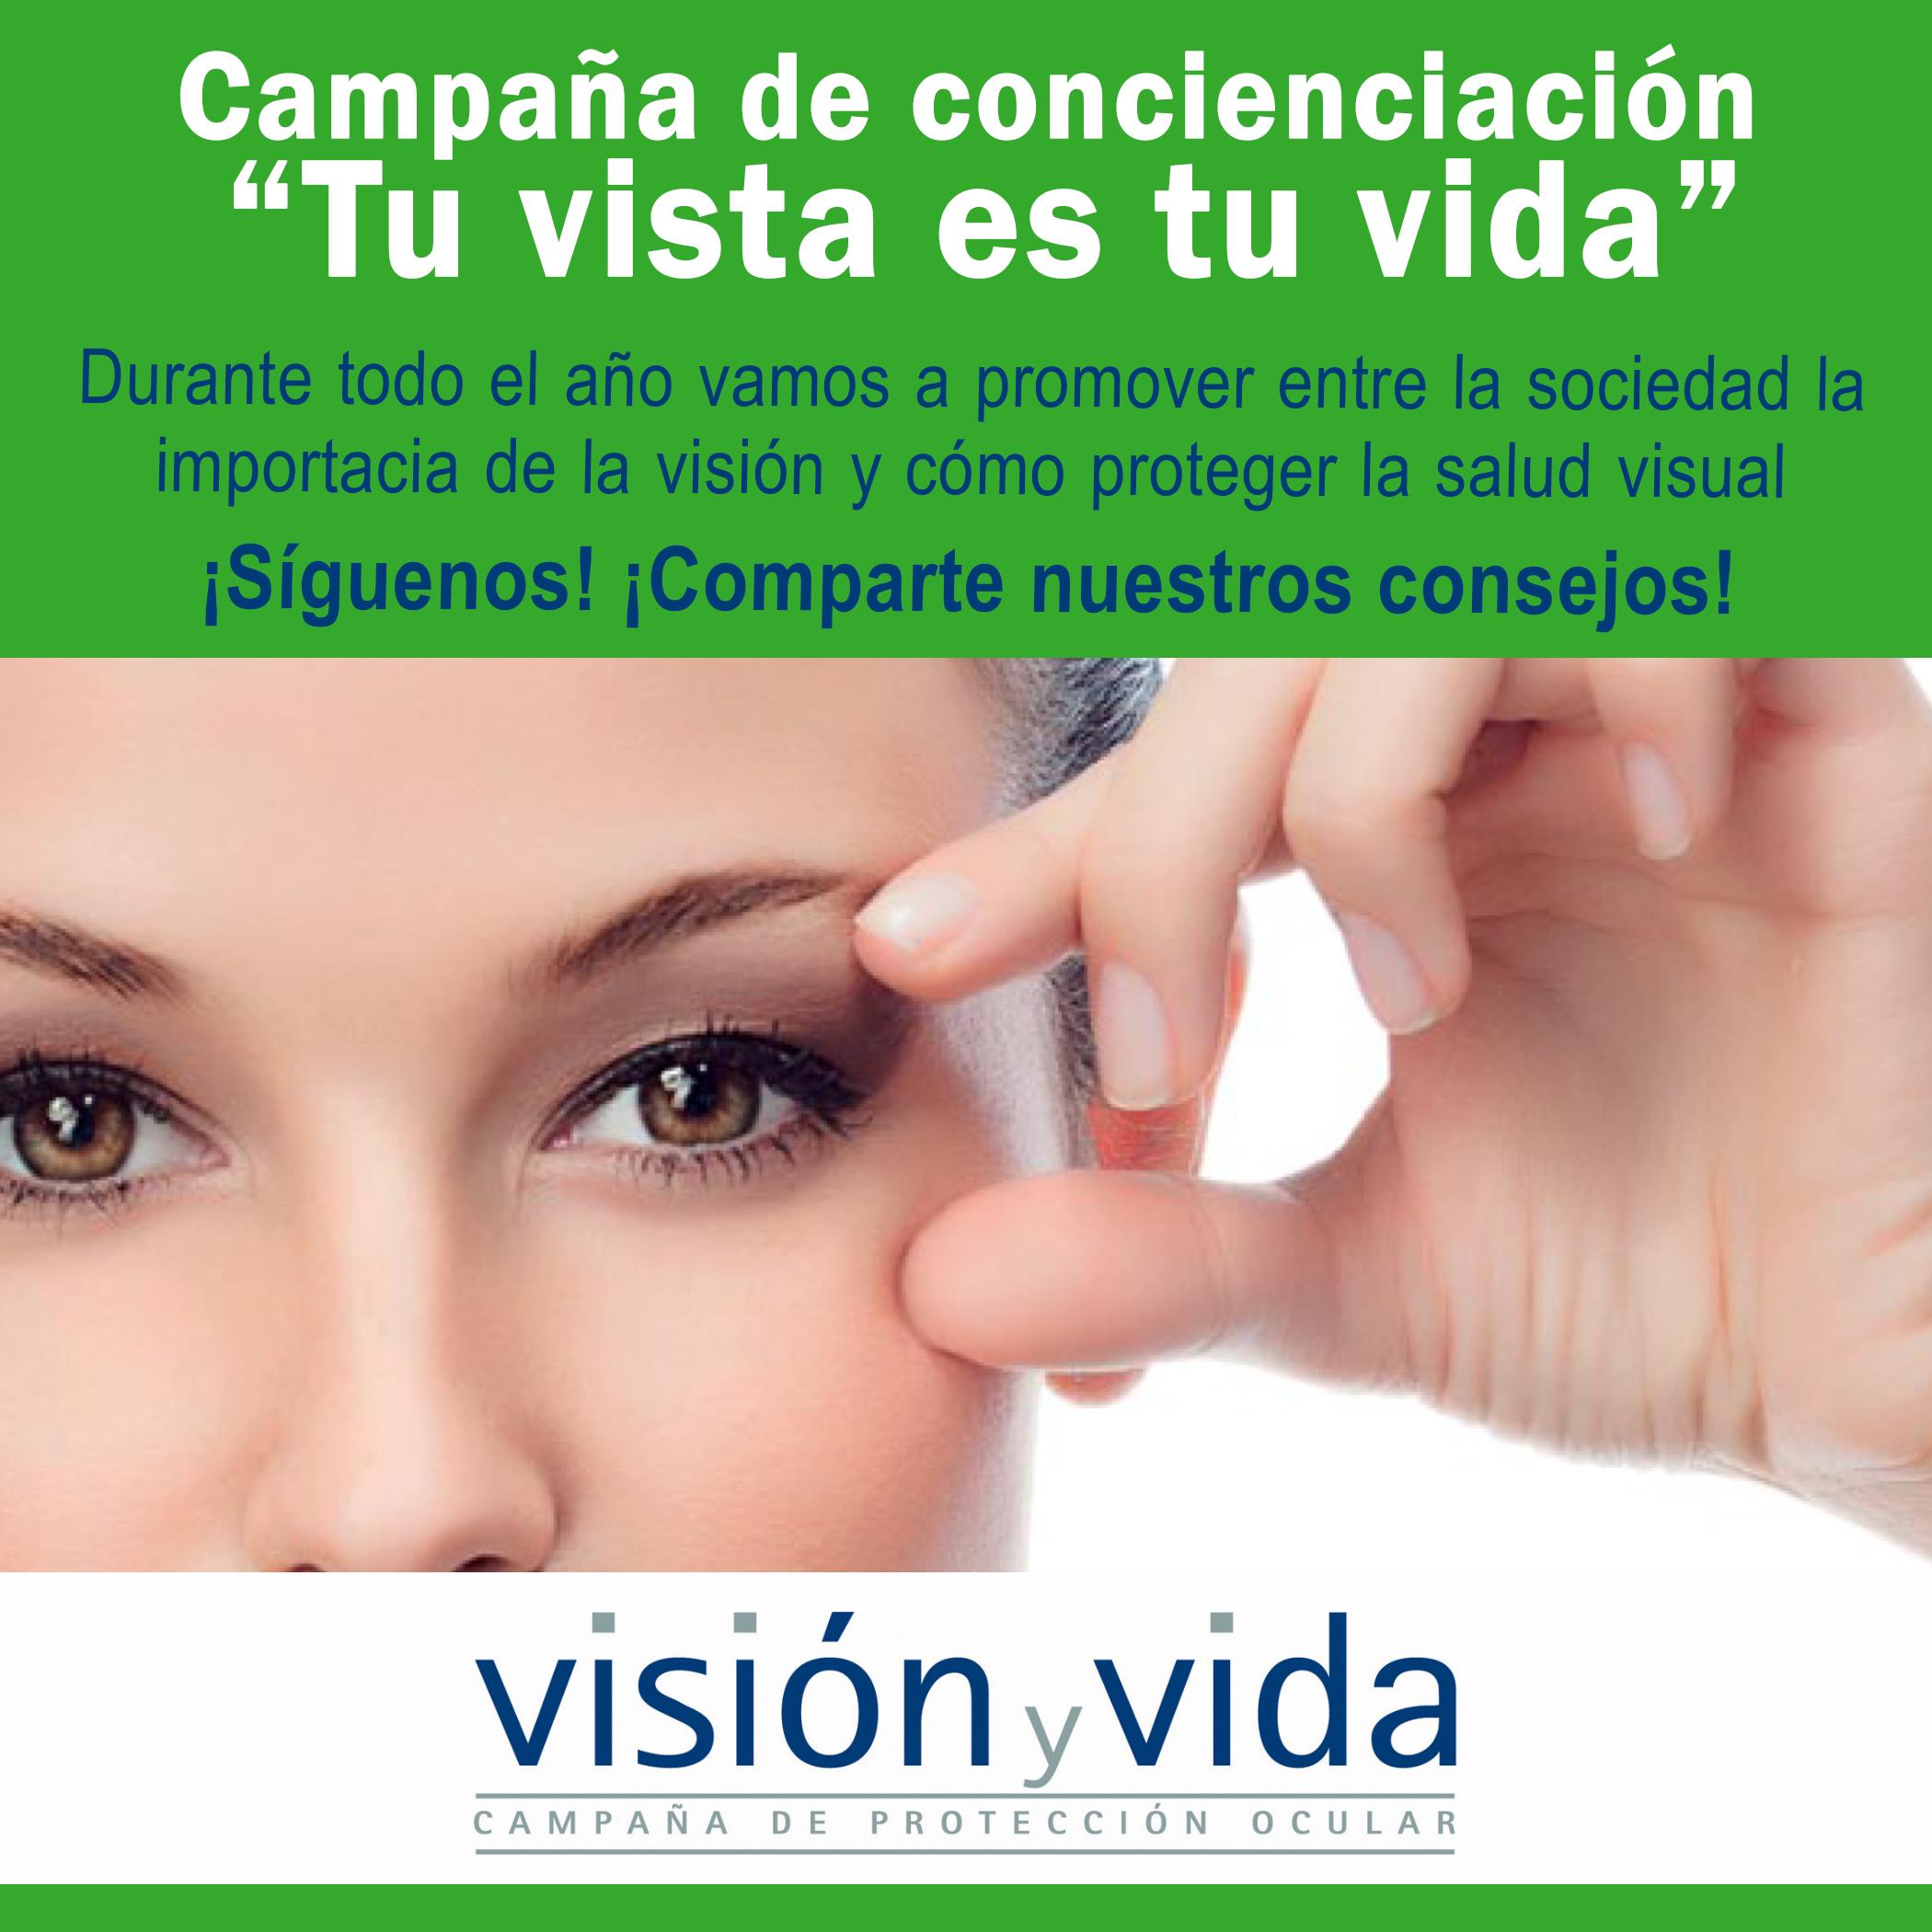 Queremos informar de la importancia de la salud visual